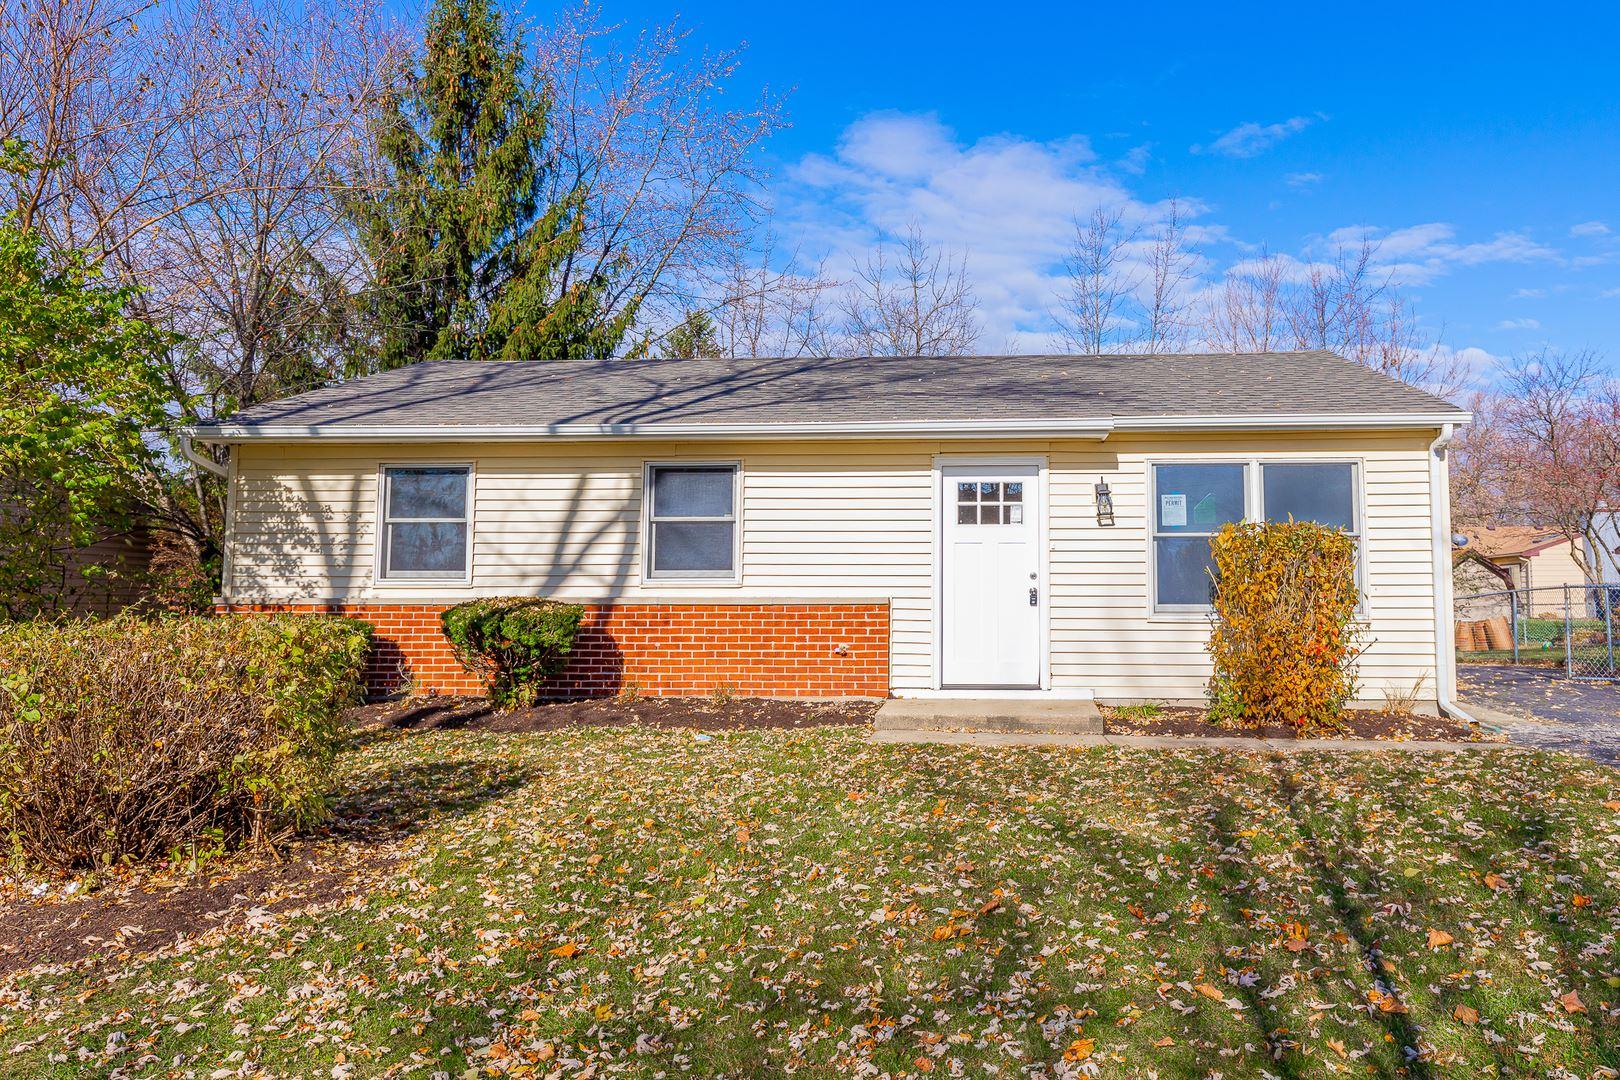 Photo of 713 Adams Street, Bolingbrook, IL 60440 (MLS # 10946025)